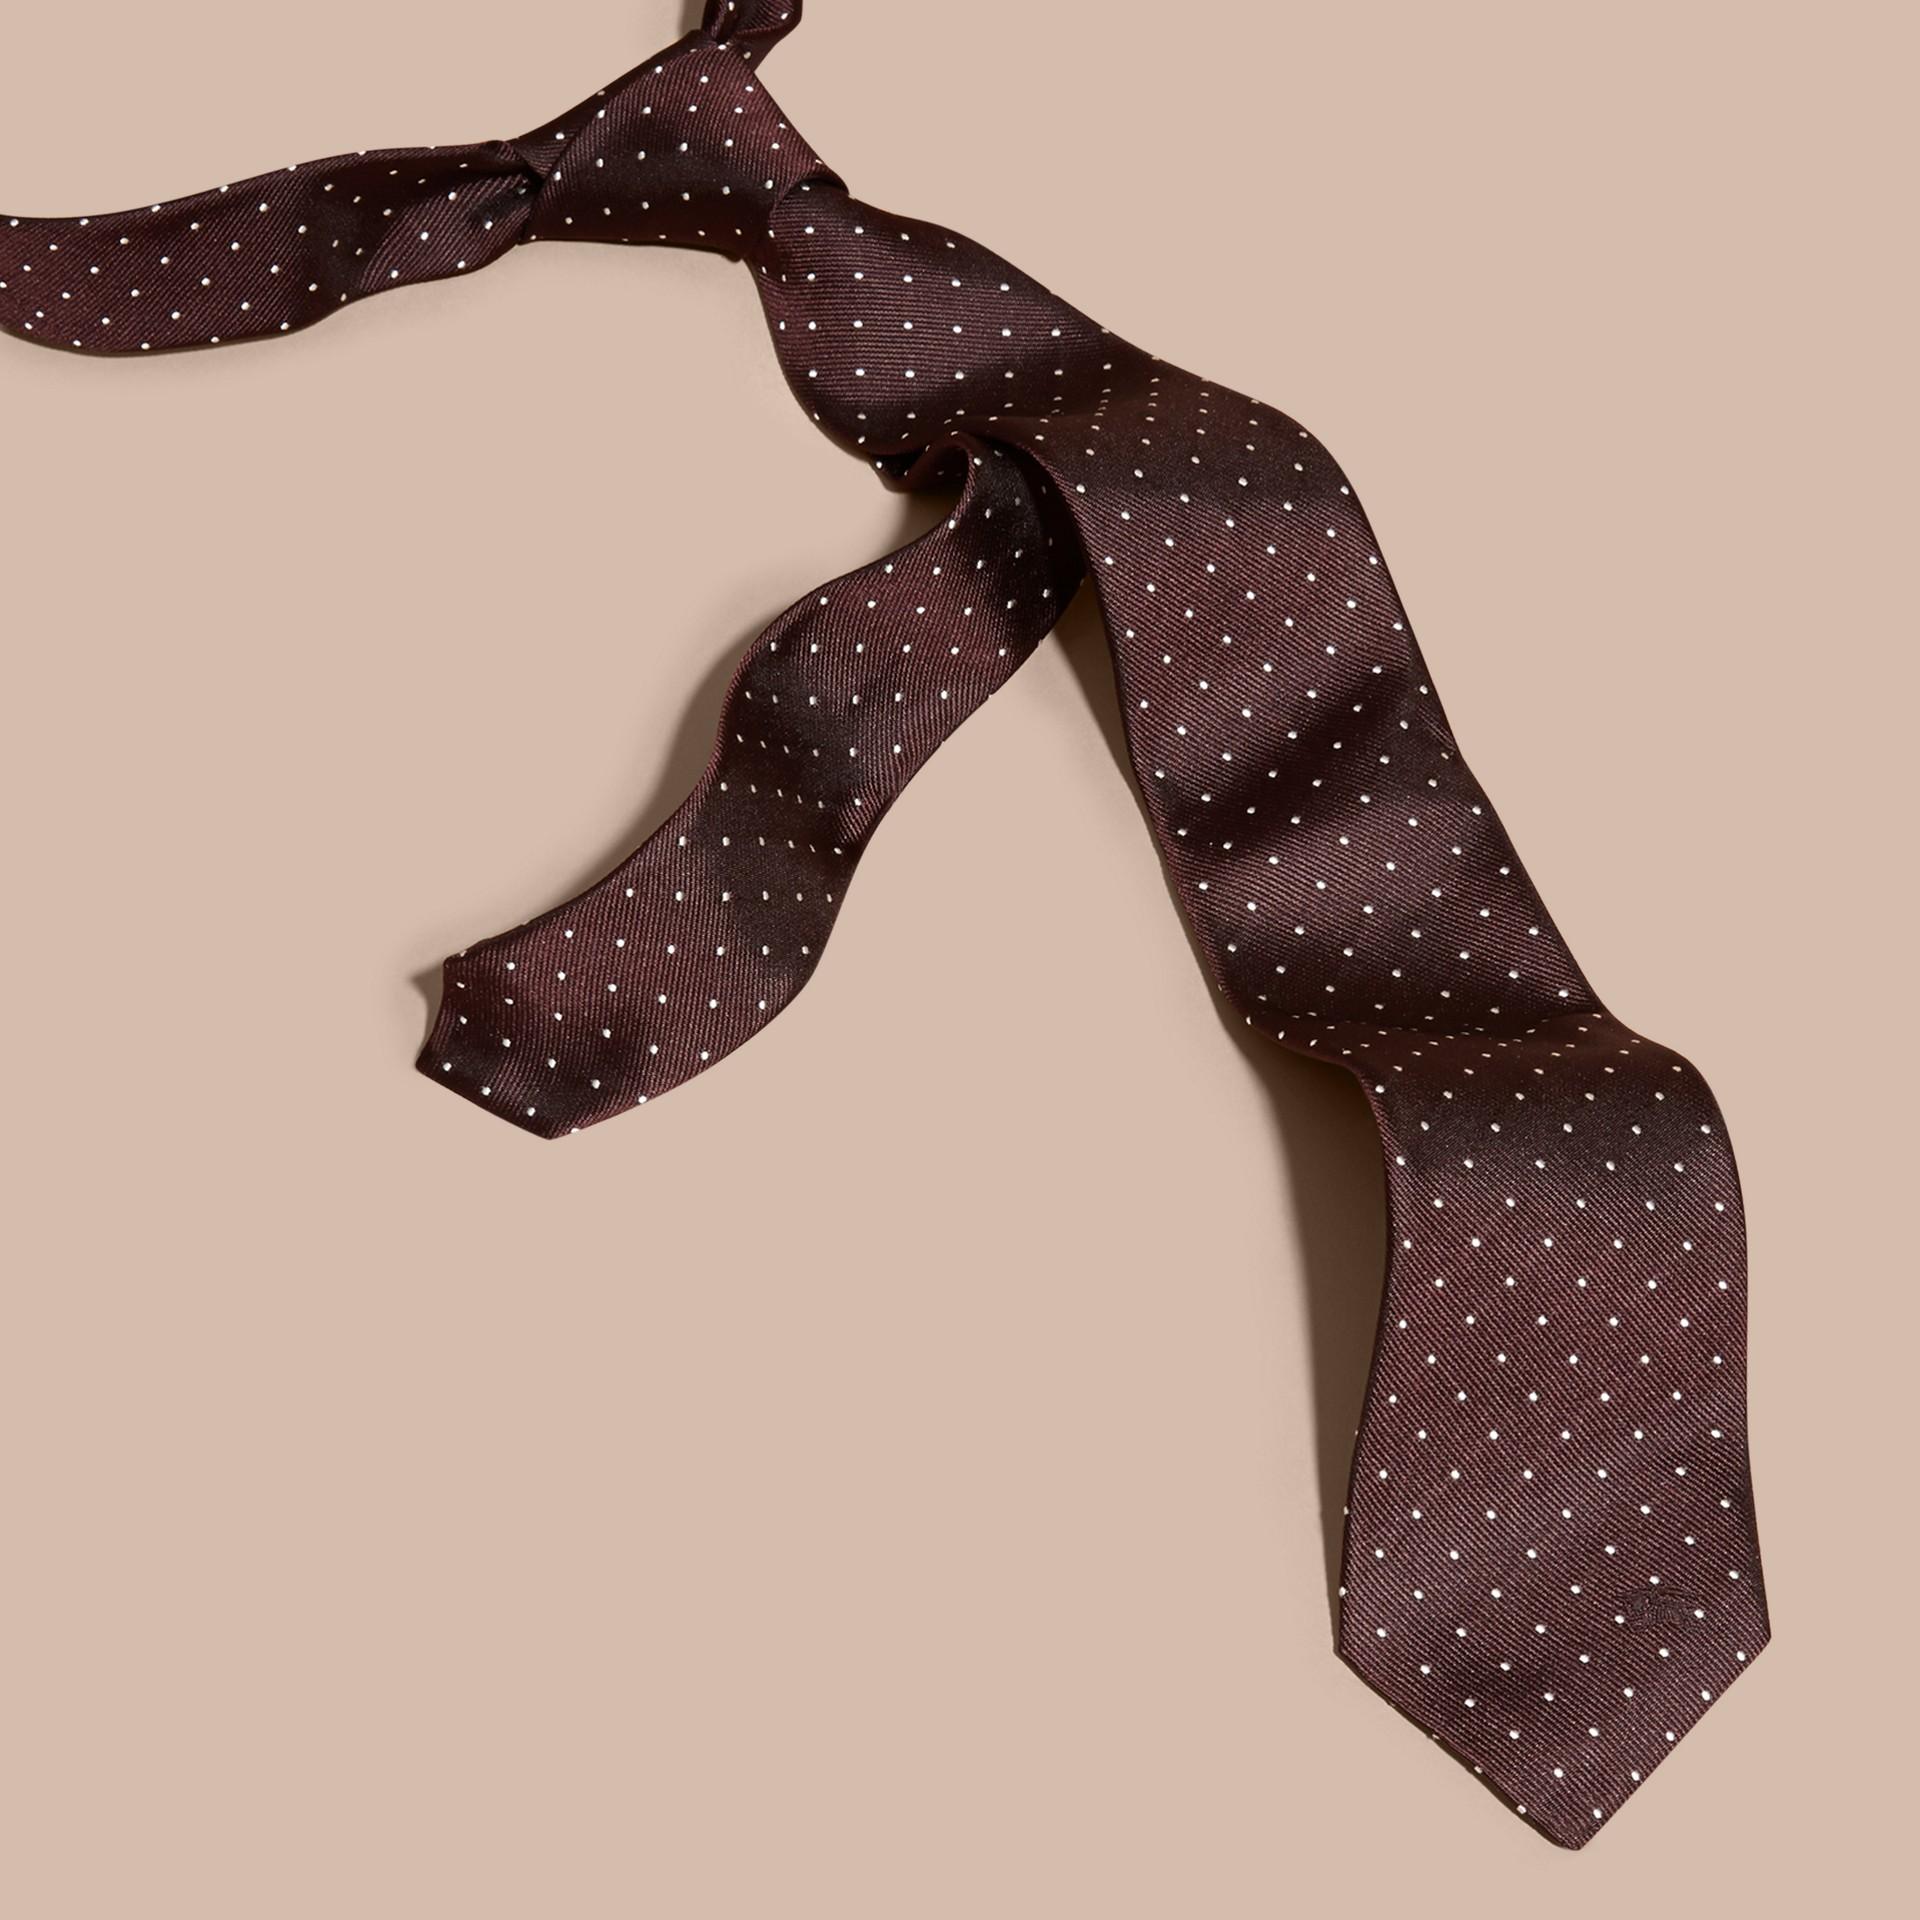 Vermelho claret Gravata de sarja de seda com estampa de poás e corte moderno - galeria de imagens 1